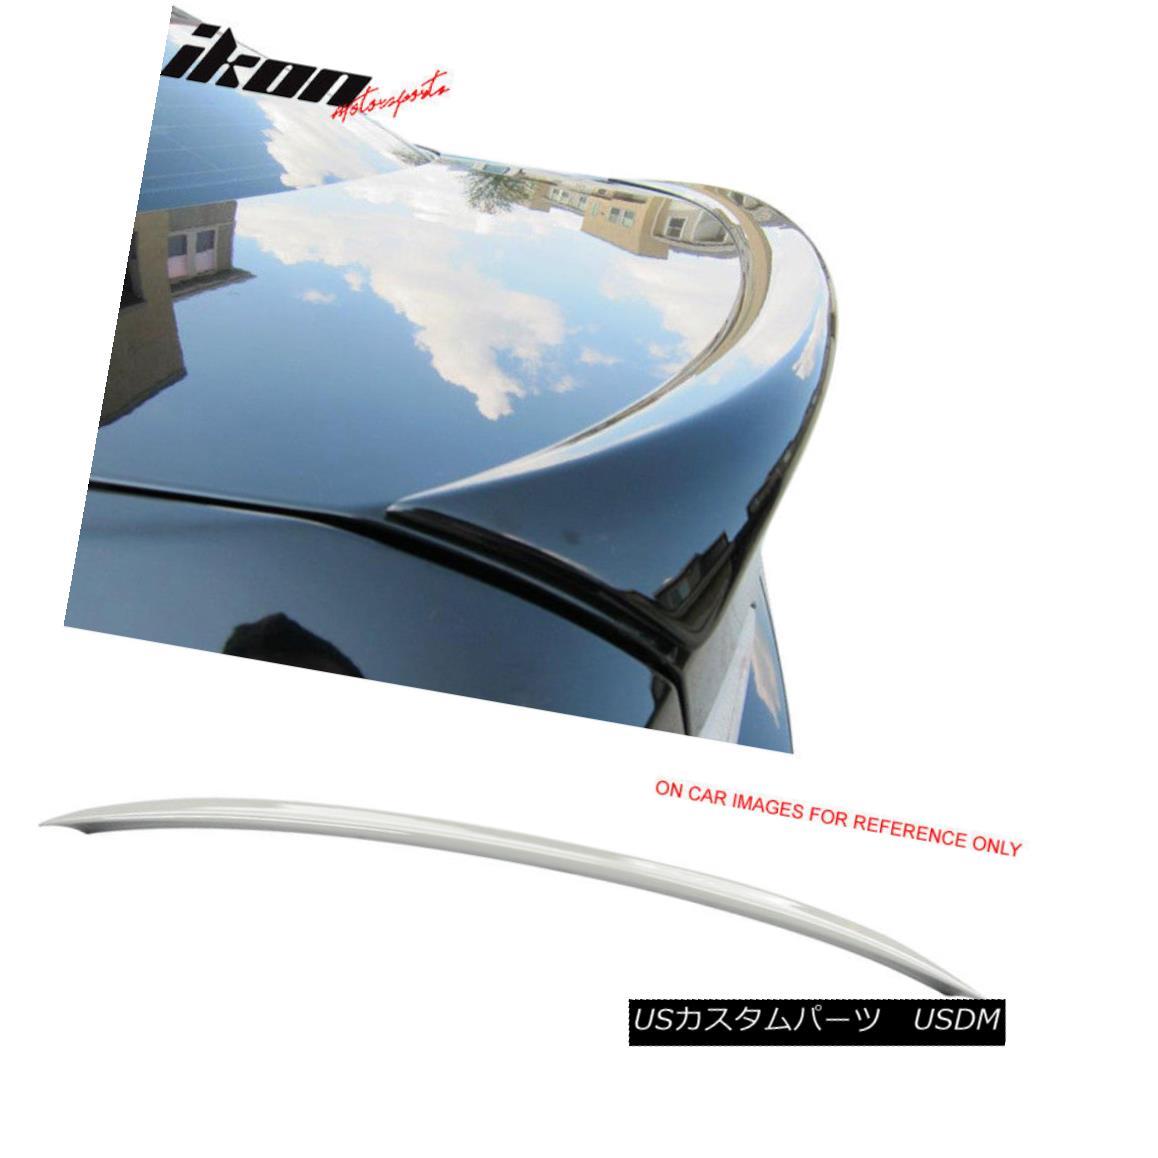 エアロパーツ Fits 06-11 E90 Sedan OE Factory Trunk Spoiler Painted #300 Alpine White III フィット06-11 E90セダンOE工場トランクスポイラー#300アルパインホワイトIIIを塗装